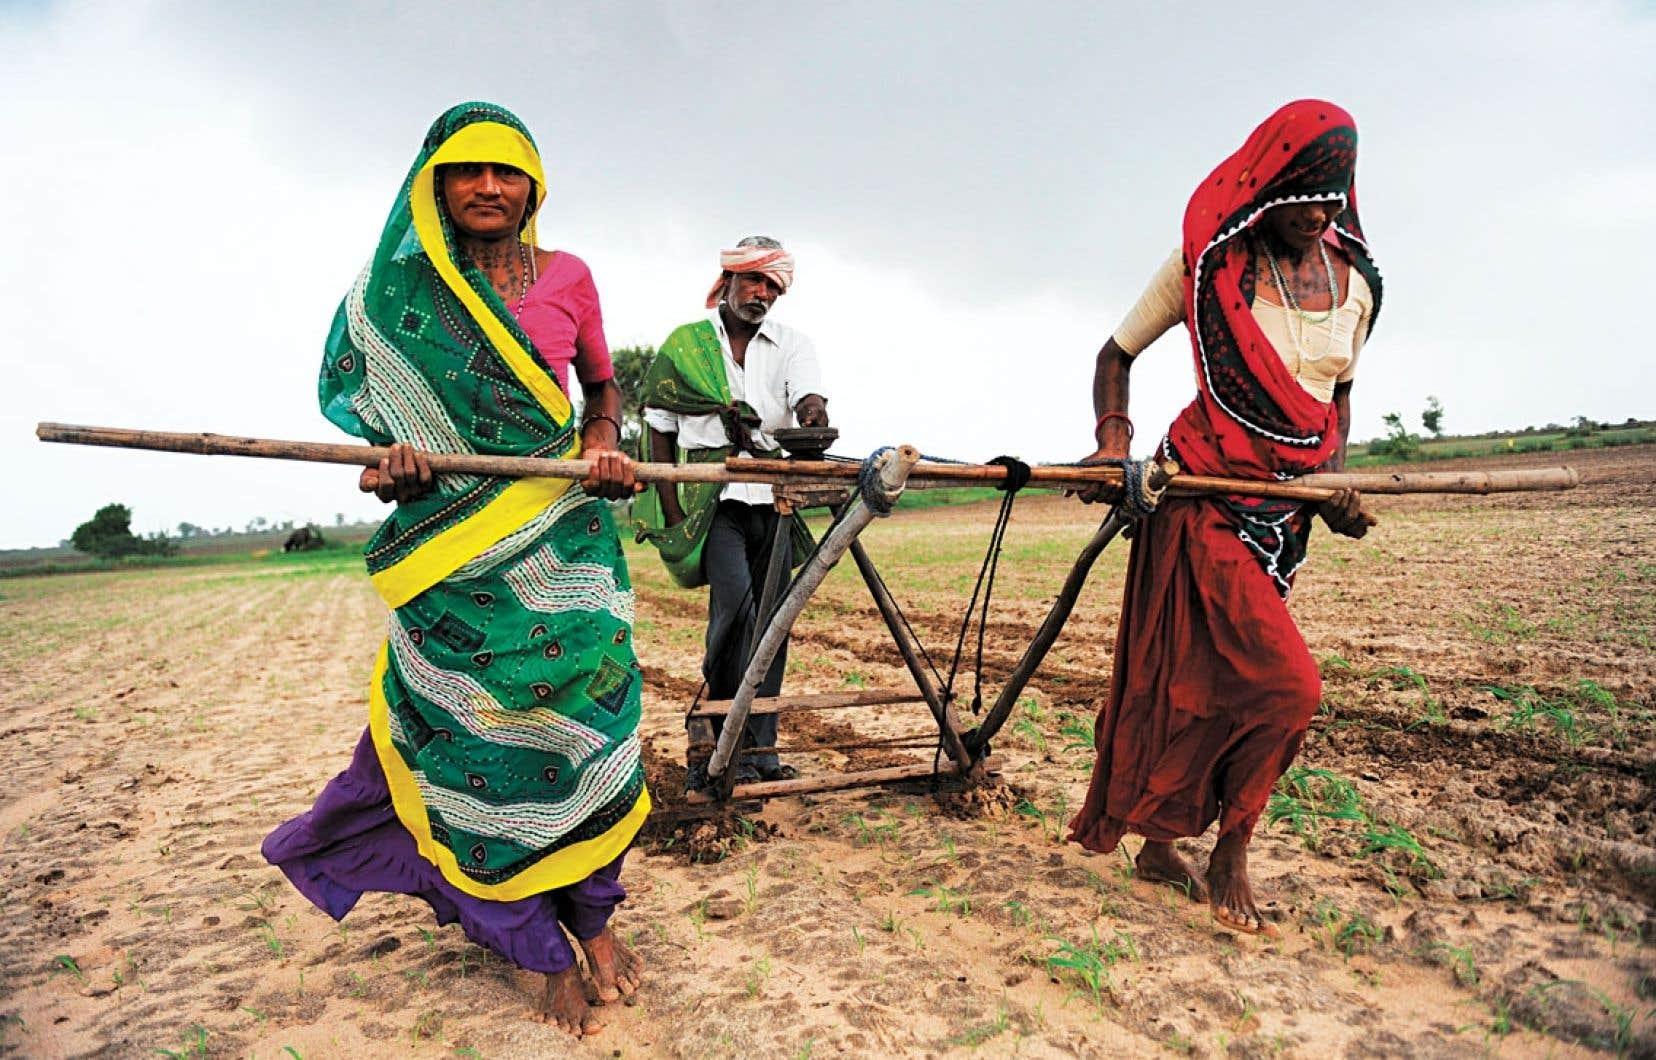 Deux femmes sont attelées comme des bêtes de somme pour aider à labourer un champ pour les graines de coton dans le village de Nani Kisol dans l'État du Maharashtra, en Inde. Selon le livre d'Andrée-Marie Dussault, les femmes en Inde n'auront jamais fini de se battre. Surtout quand elles proviennent des communautés tribales, elles héritent des tâches les plus viles.